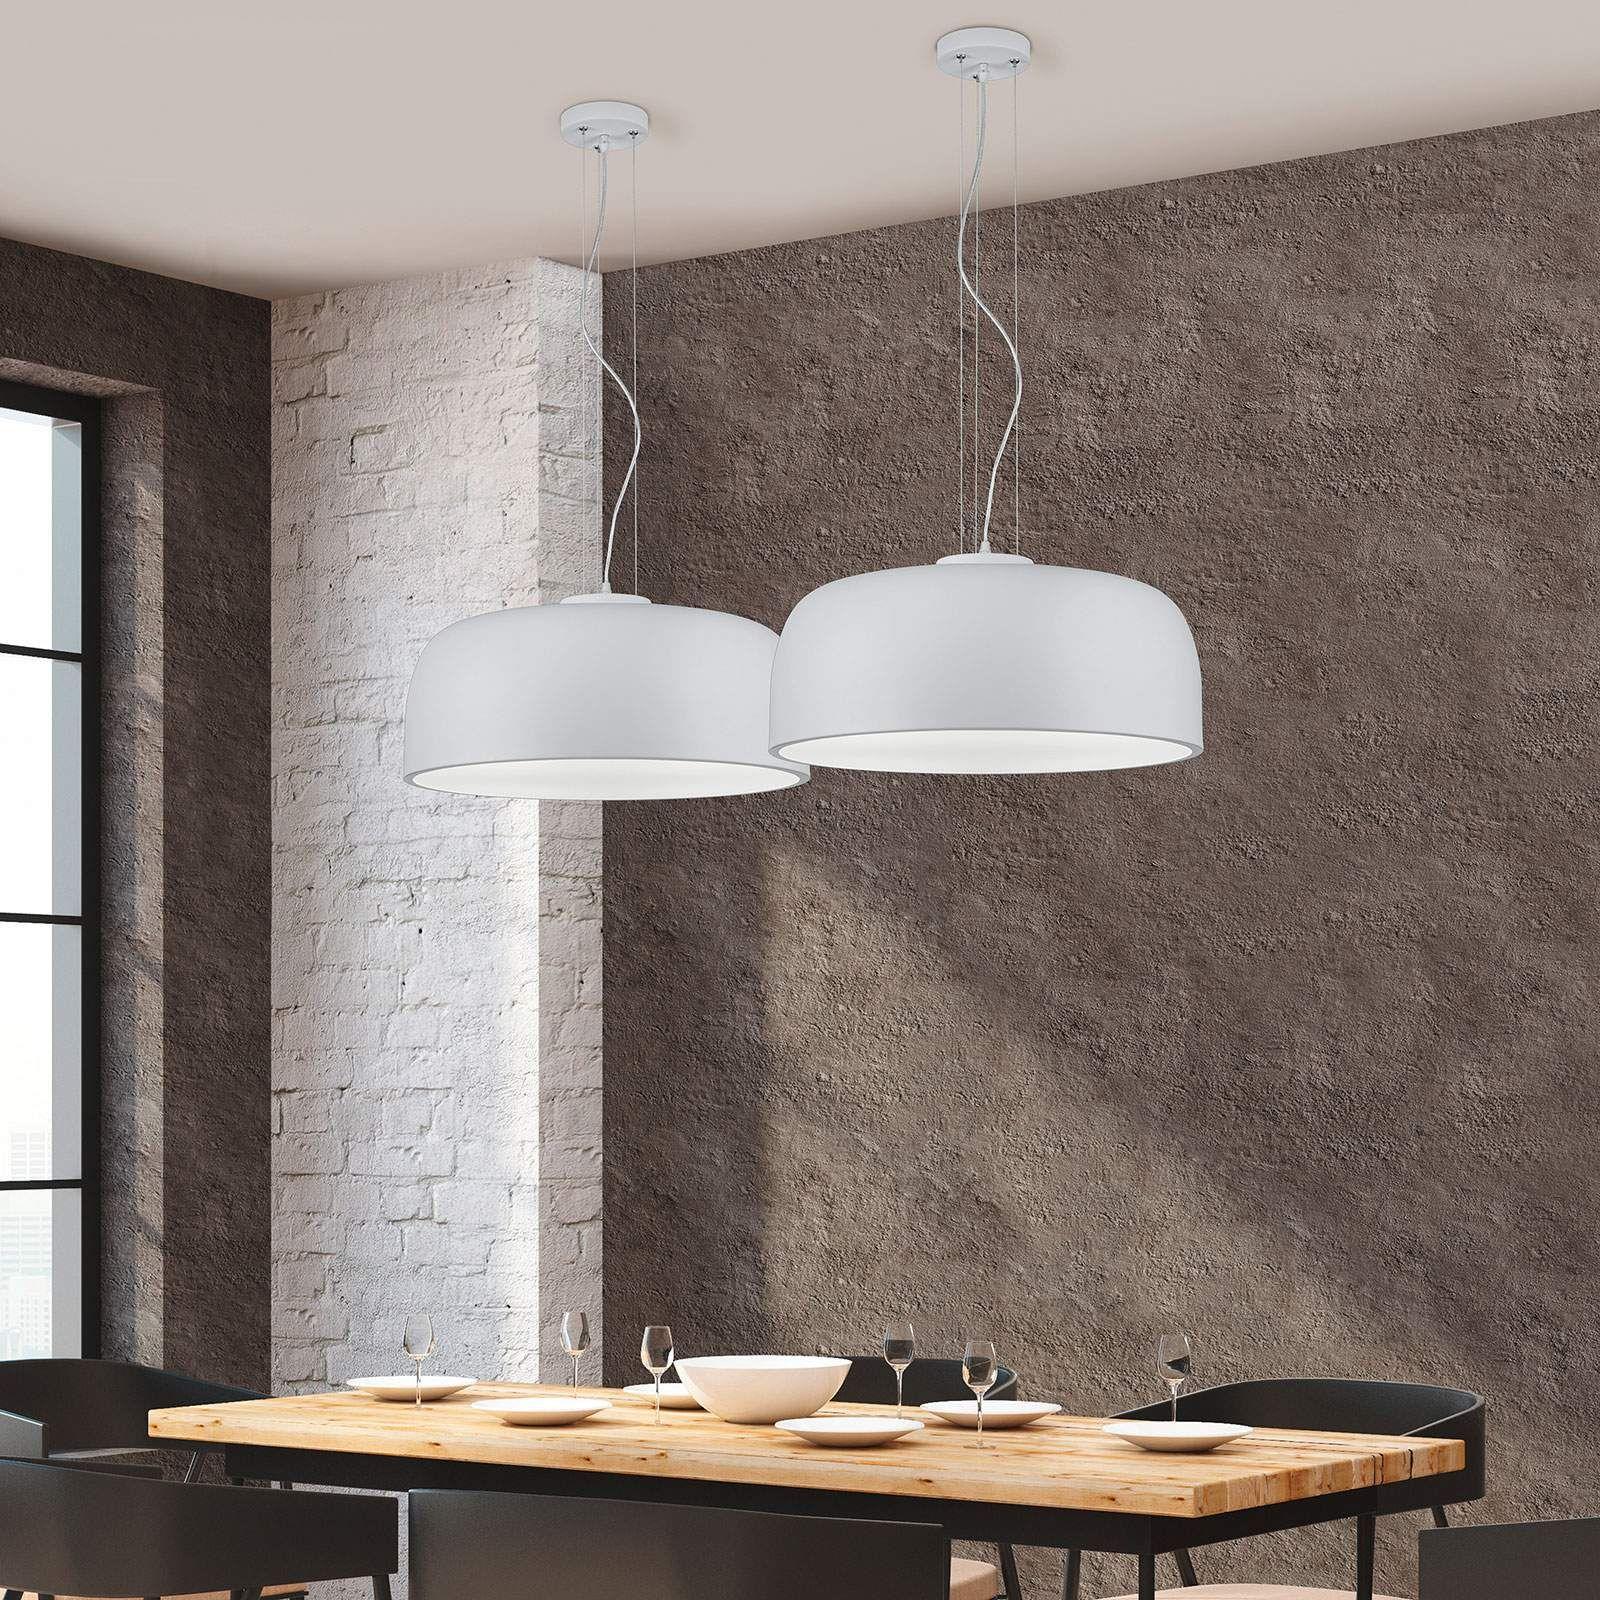 Schwarz matte Innenleuchte BARON zur Deckenmontage geeignet Metall Ø 52 cm